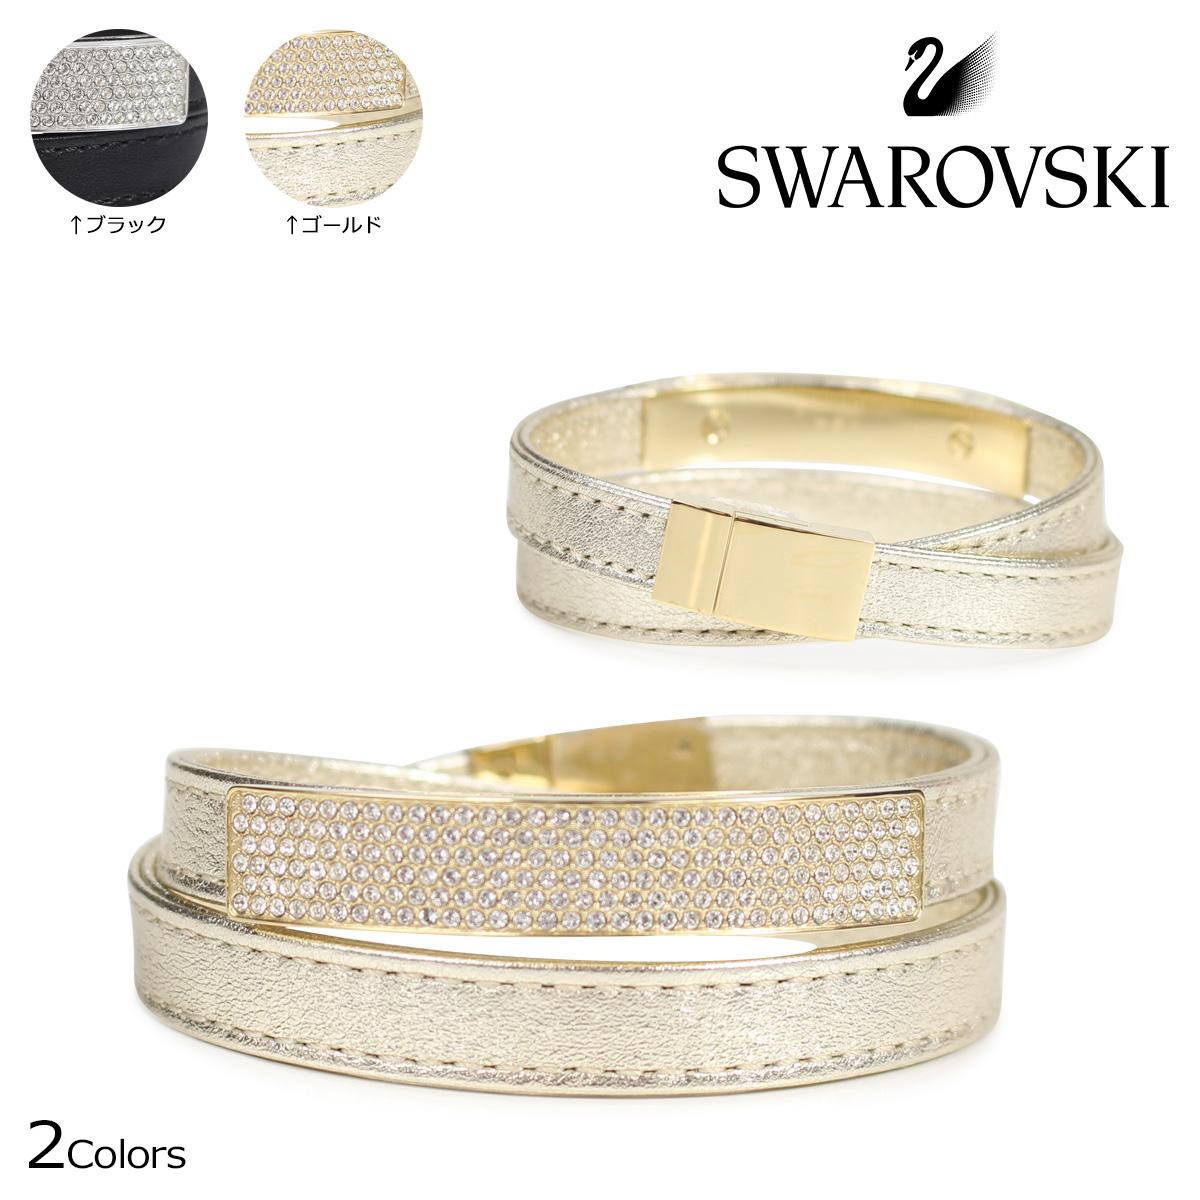 SWAROVSKI スワロフスキー ブレスレット レディース VIO ブラック ゴールド 5171994 M 5171996 M